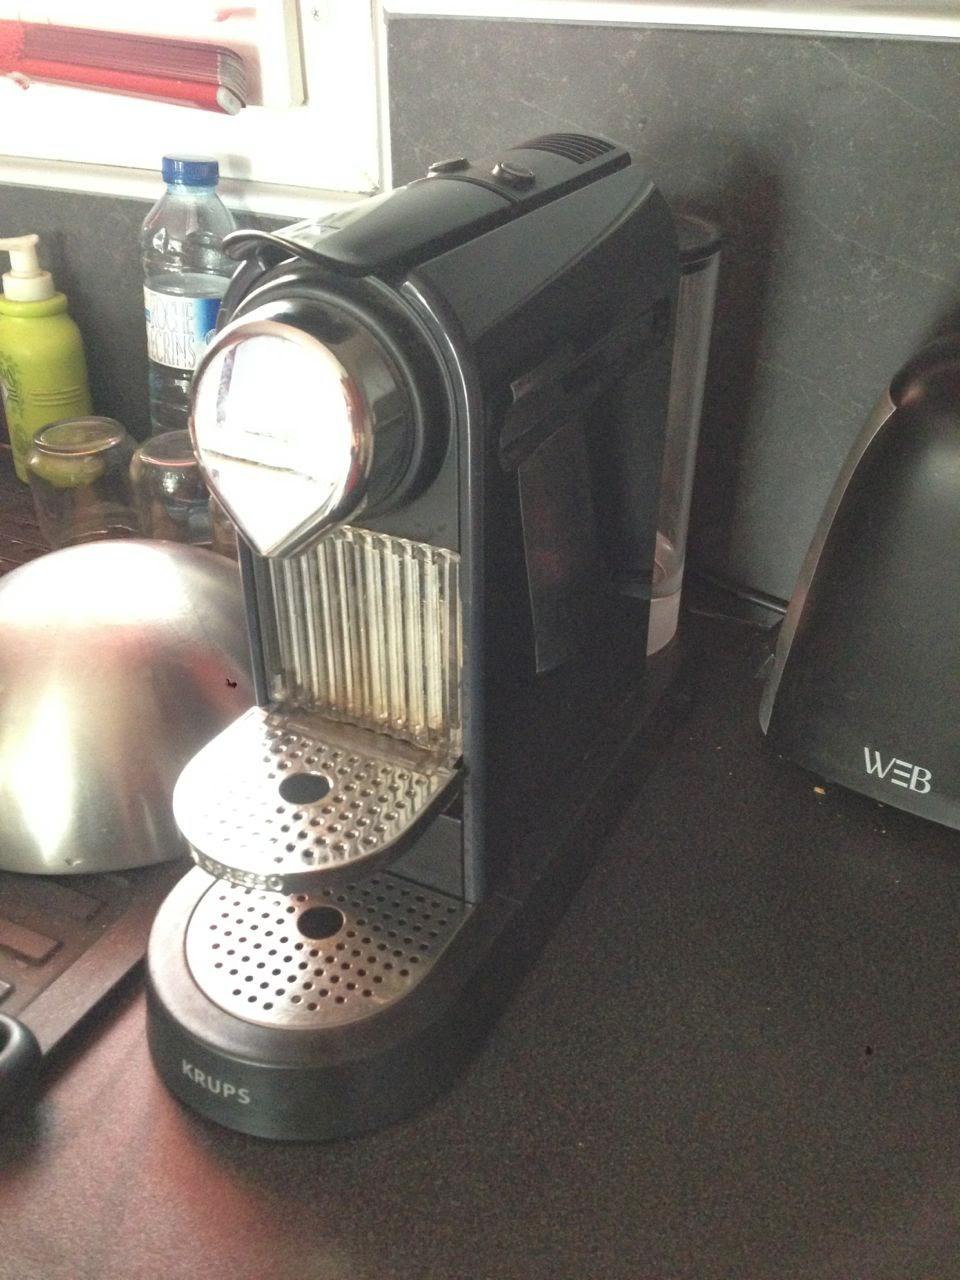 cafetiere nespresso qui coule a l'interieur